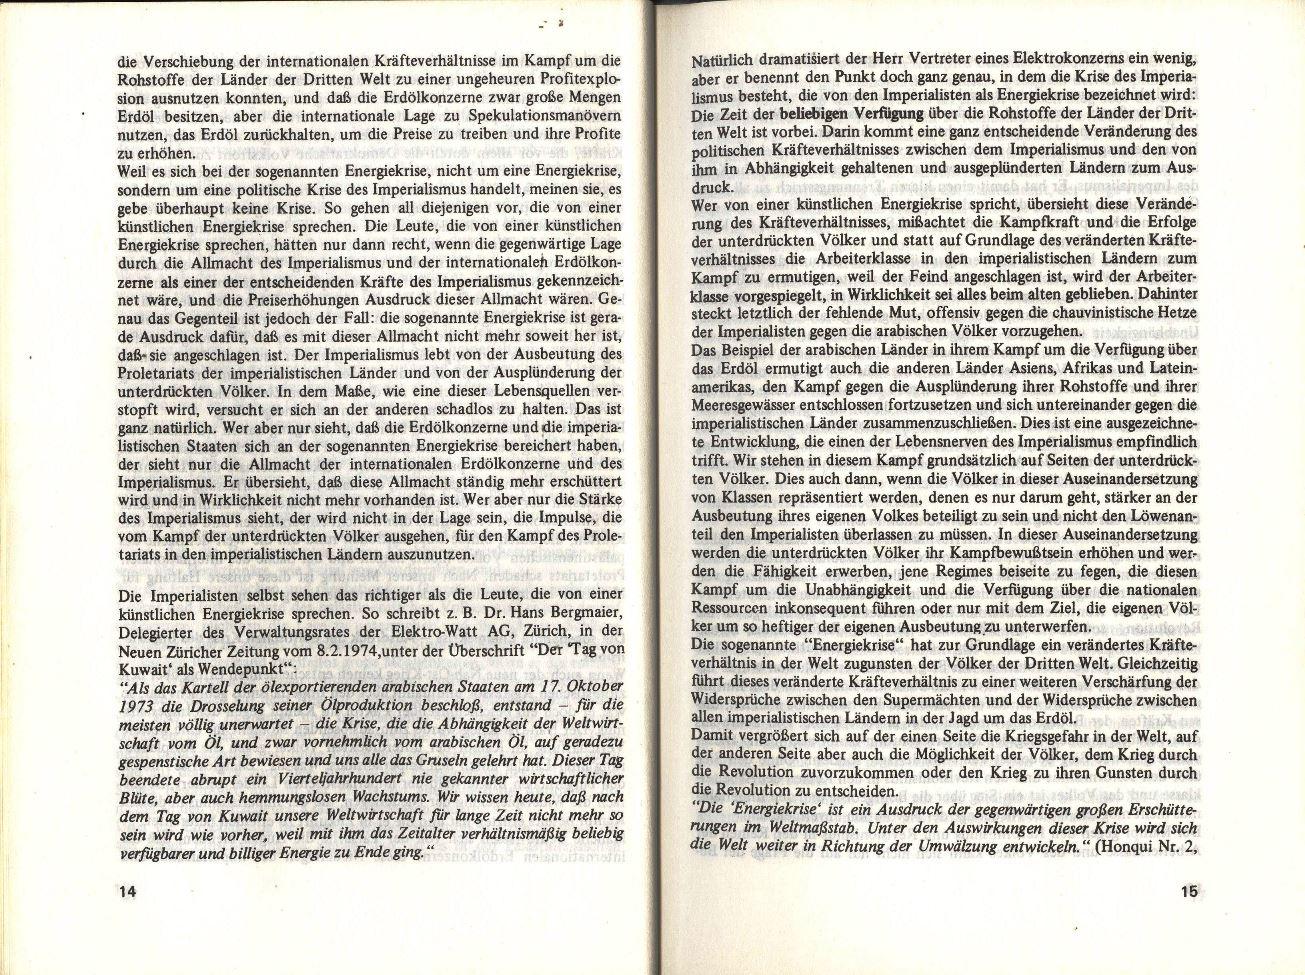 KBW_1974_Politischer_Bericht009